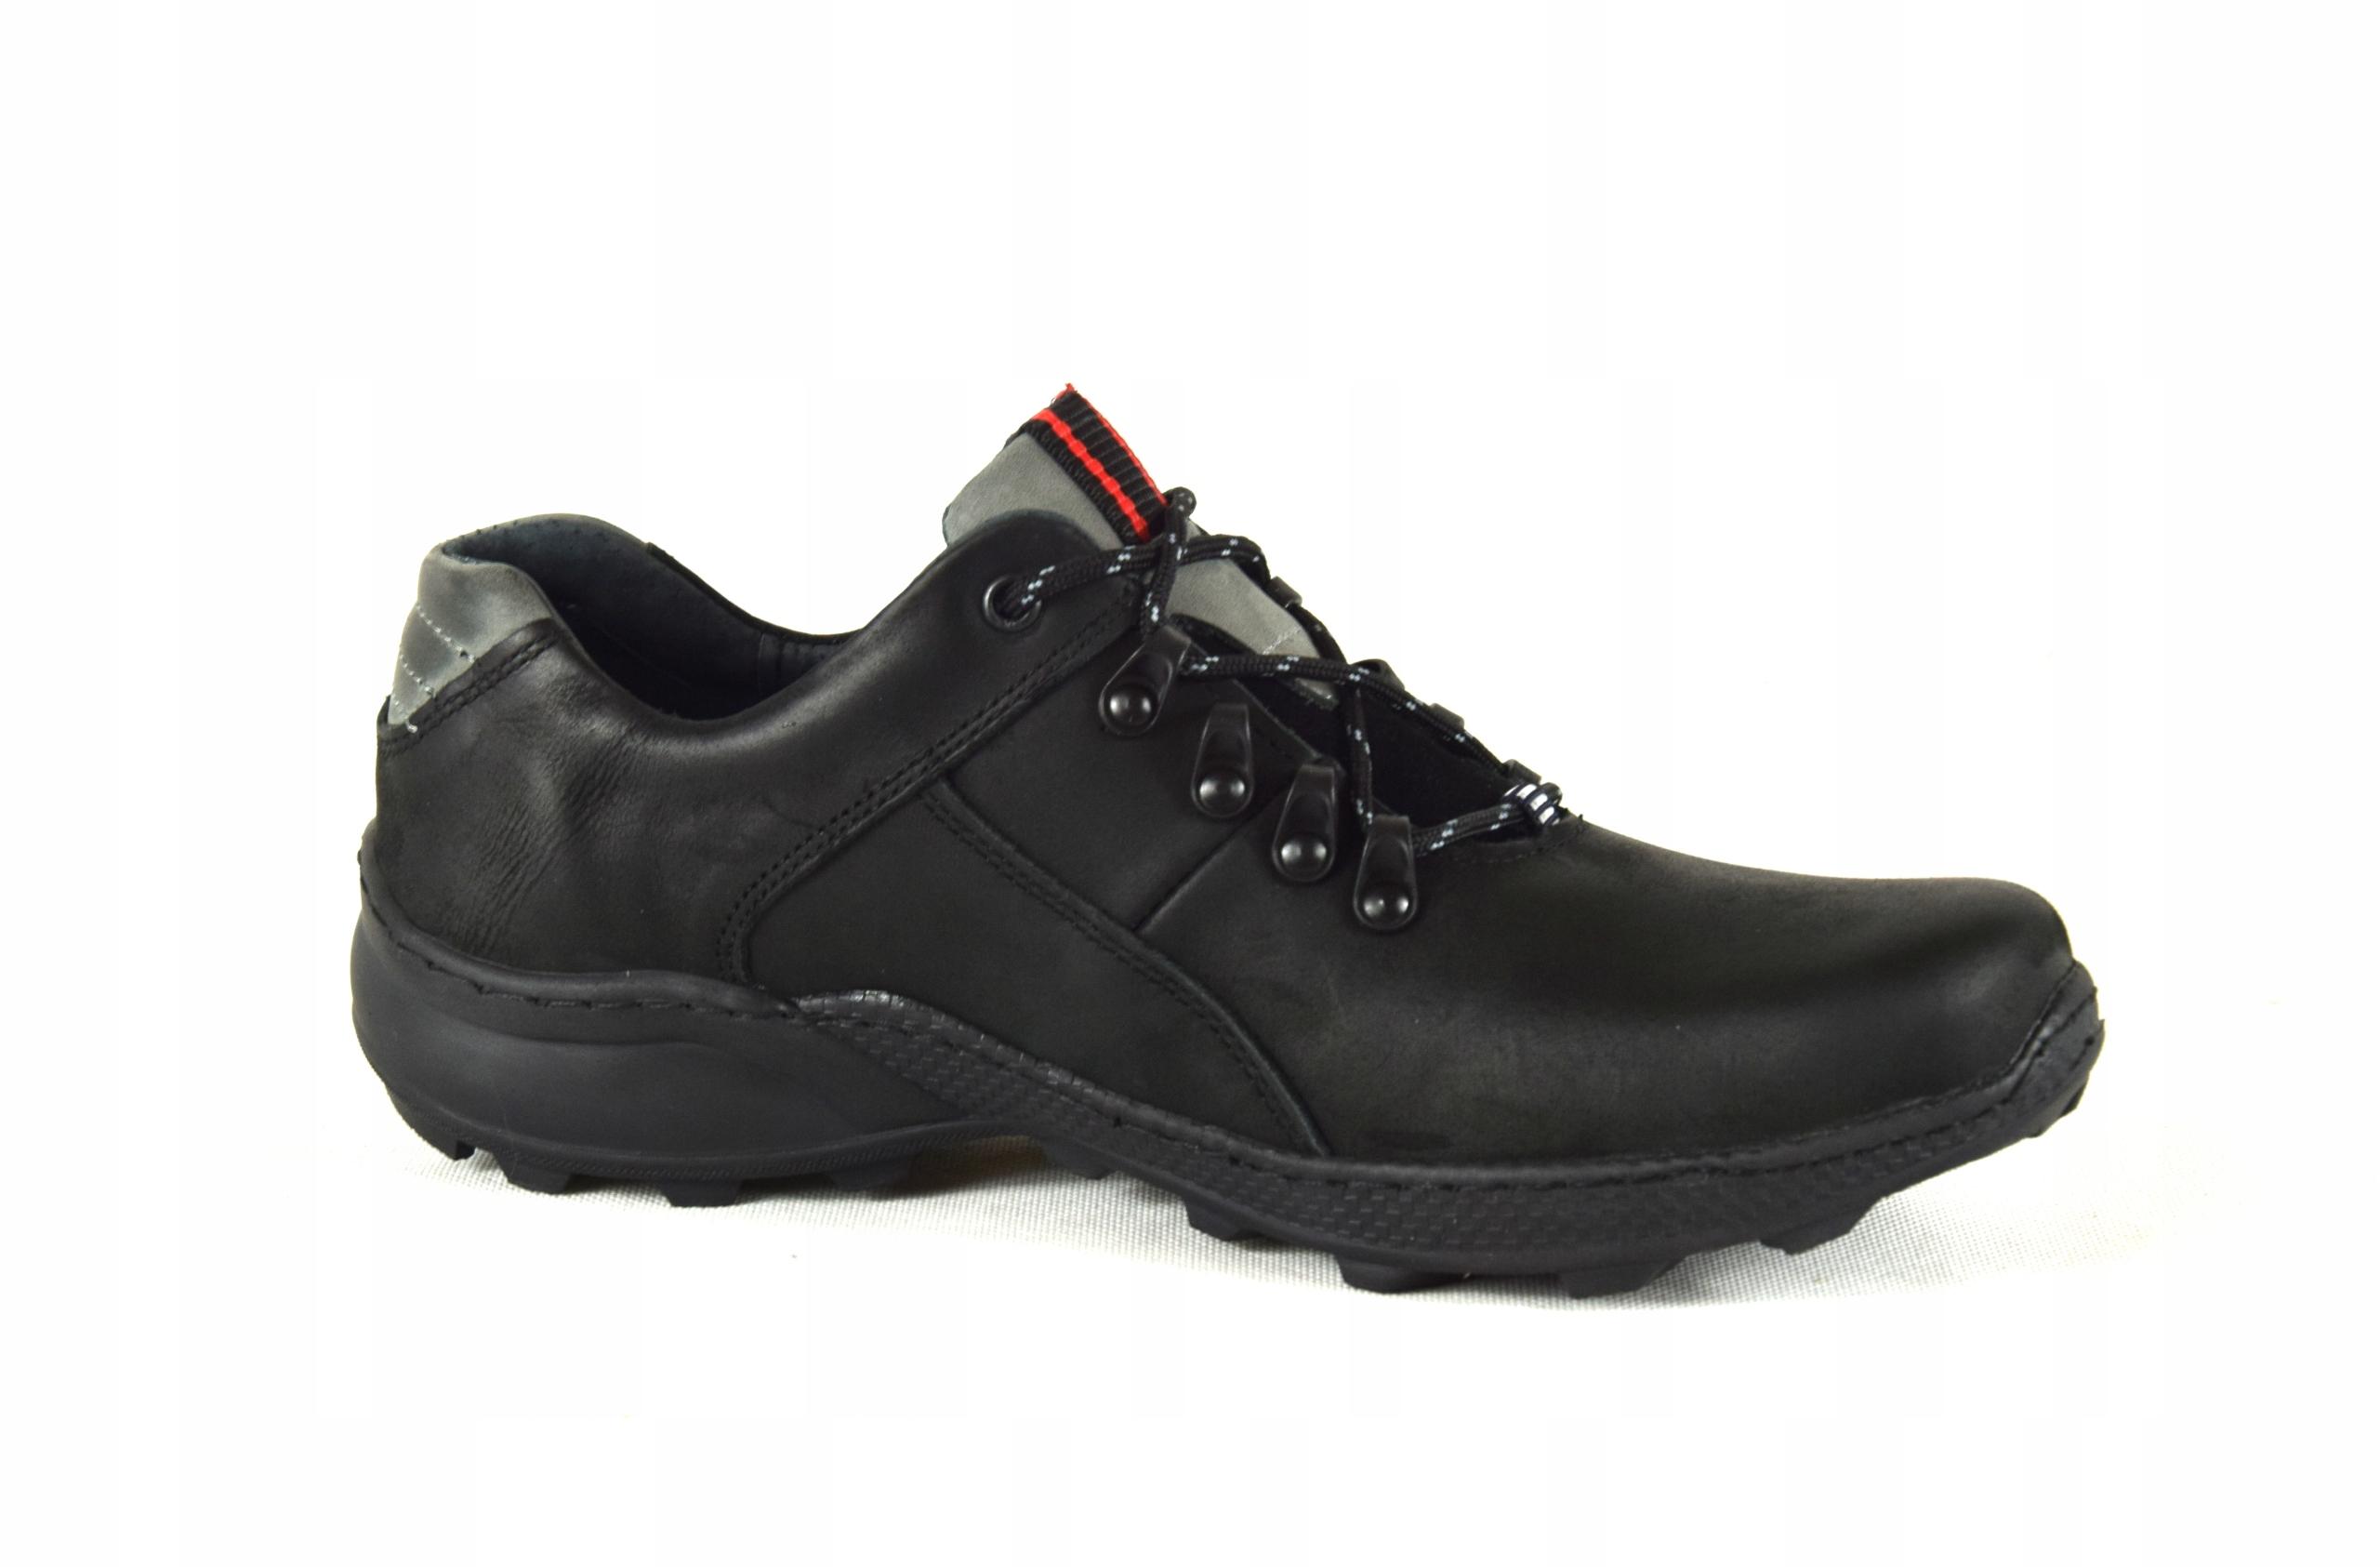 Męskie skórzane obuwie trekkingowe ze skóry 296 Kod producenta 296